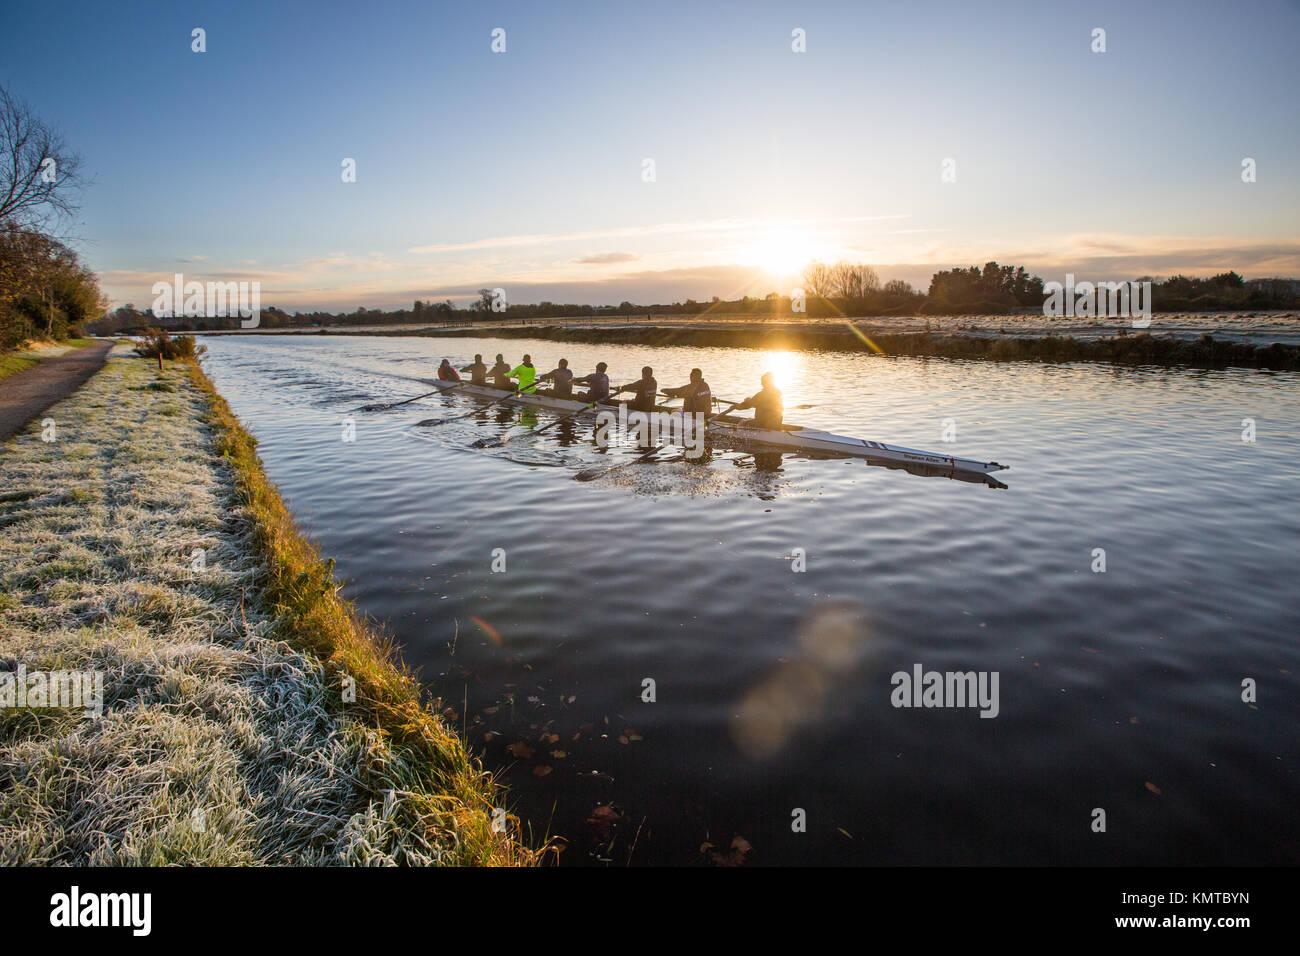 Los remeros en el río Cam en Cambridge en una fría mañana de sábado de congelación al amanecer. Imagen De Stock